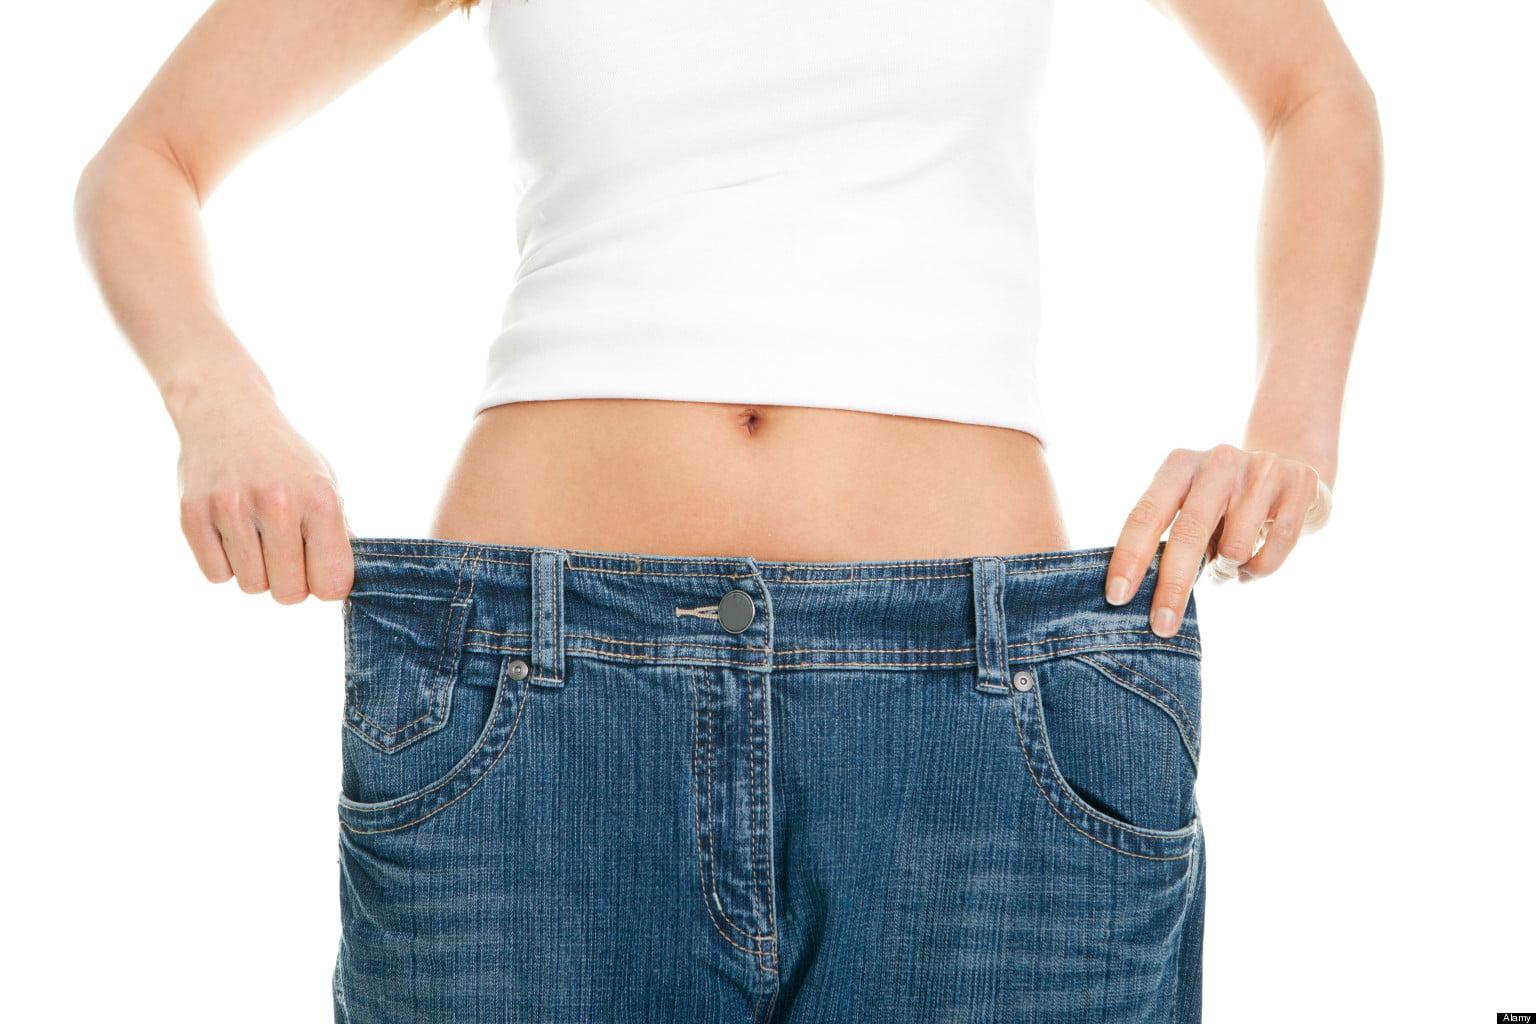 timonium ideal de pierdere în greutate pierdere în greutate sănătoasă de centimetri pe săptămână